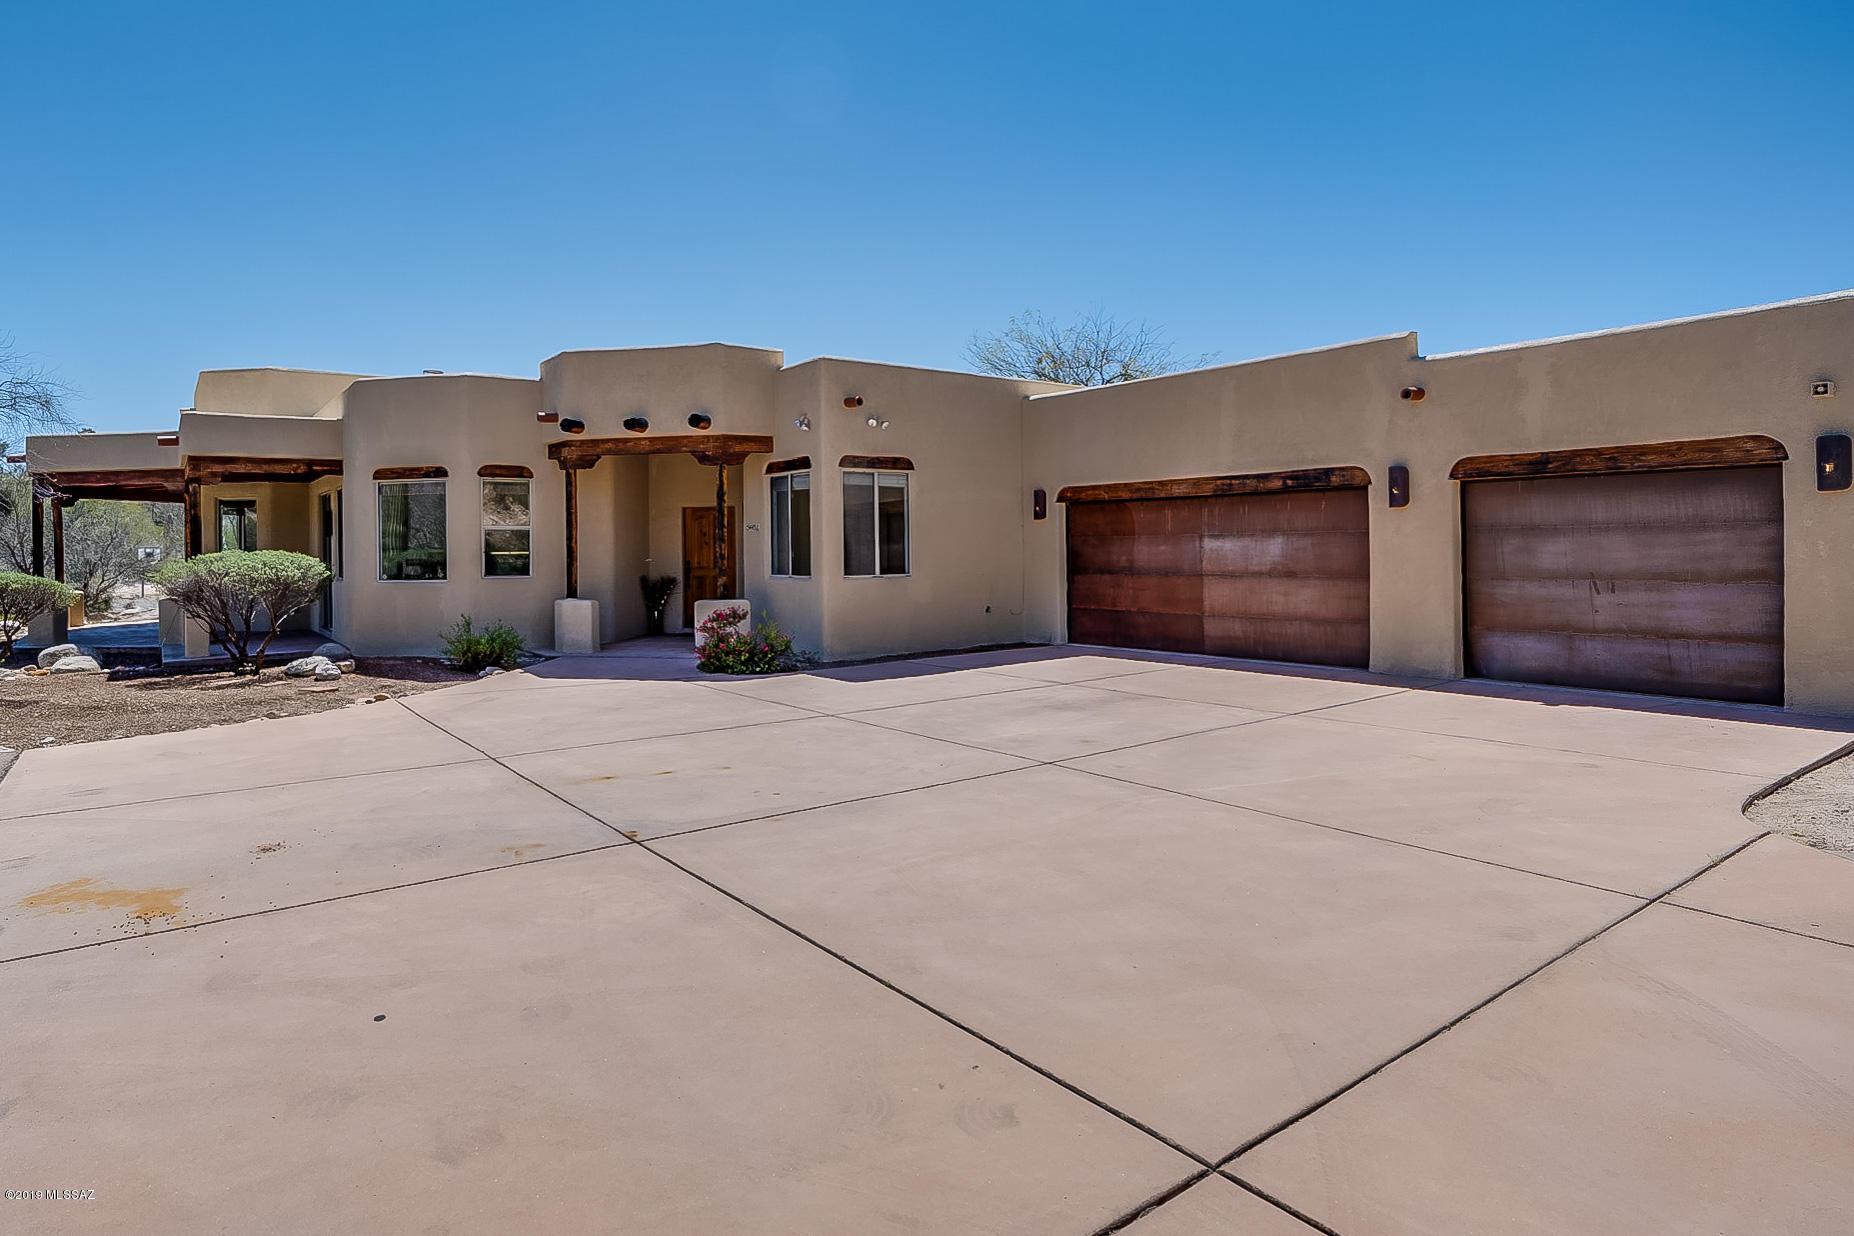 Photo of 5445 N Agave Drive, Tucson, AZ 85704